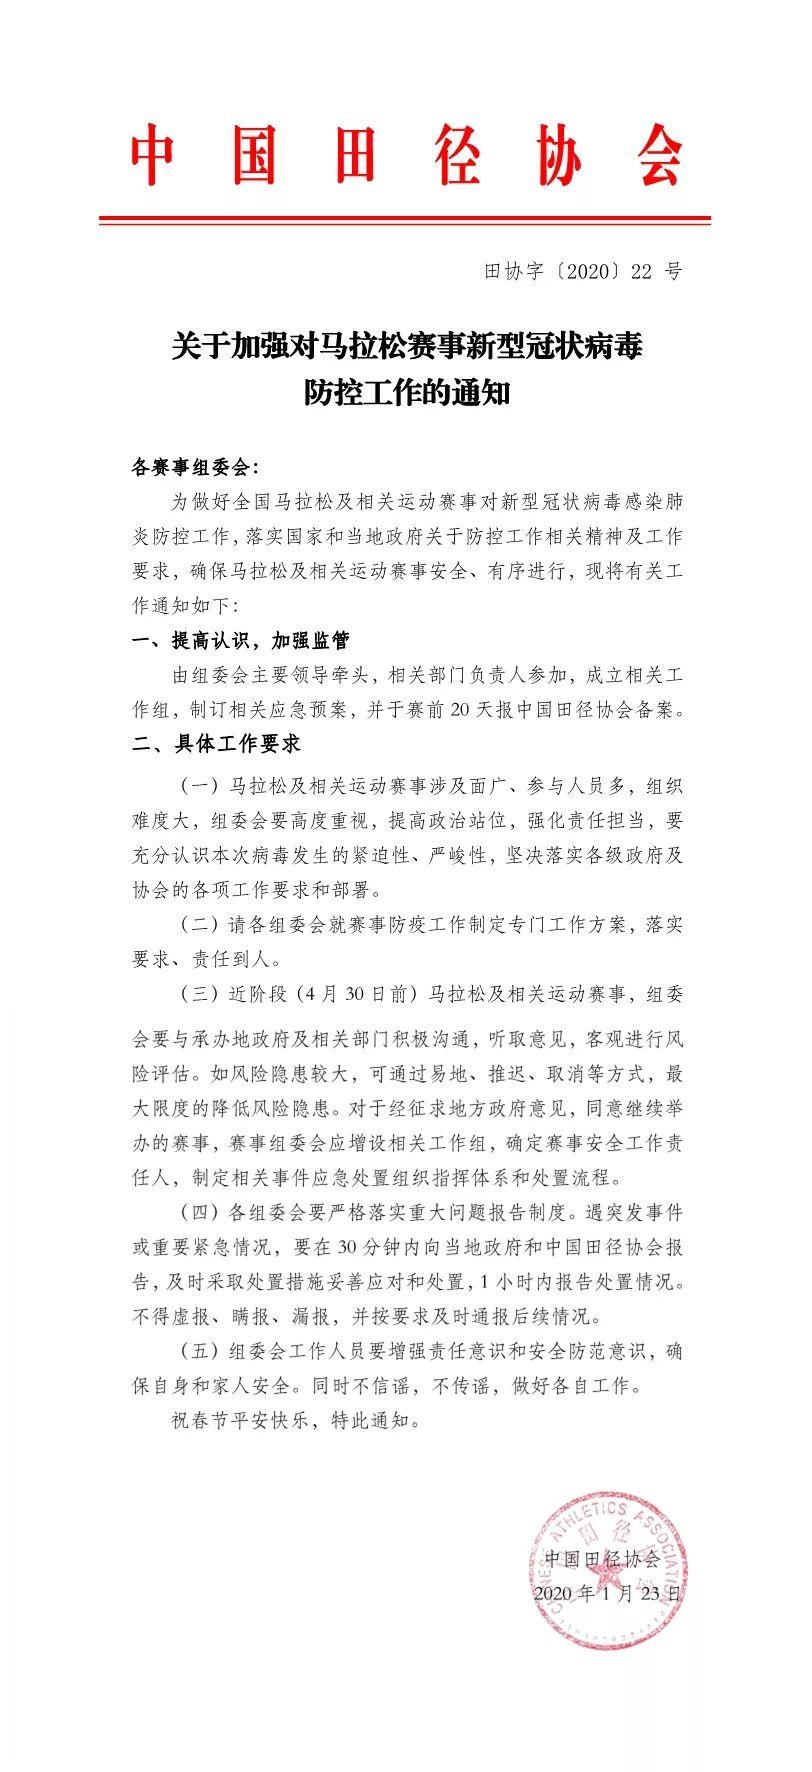 中国田协:近阶段马拉松赛事评估后风险较大的可推迟